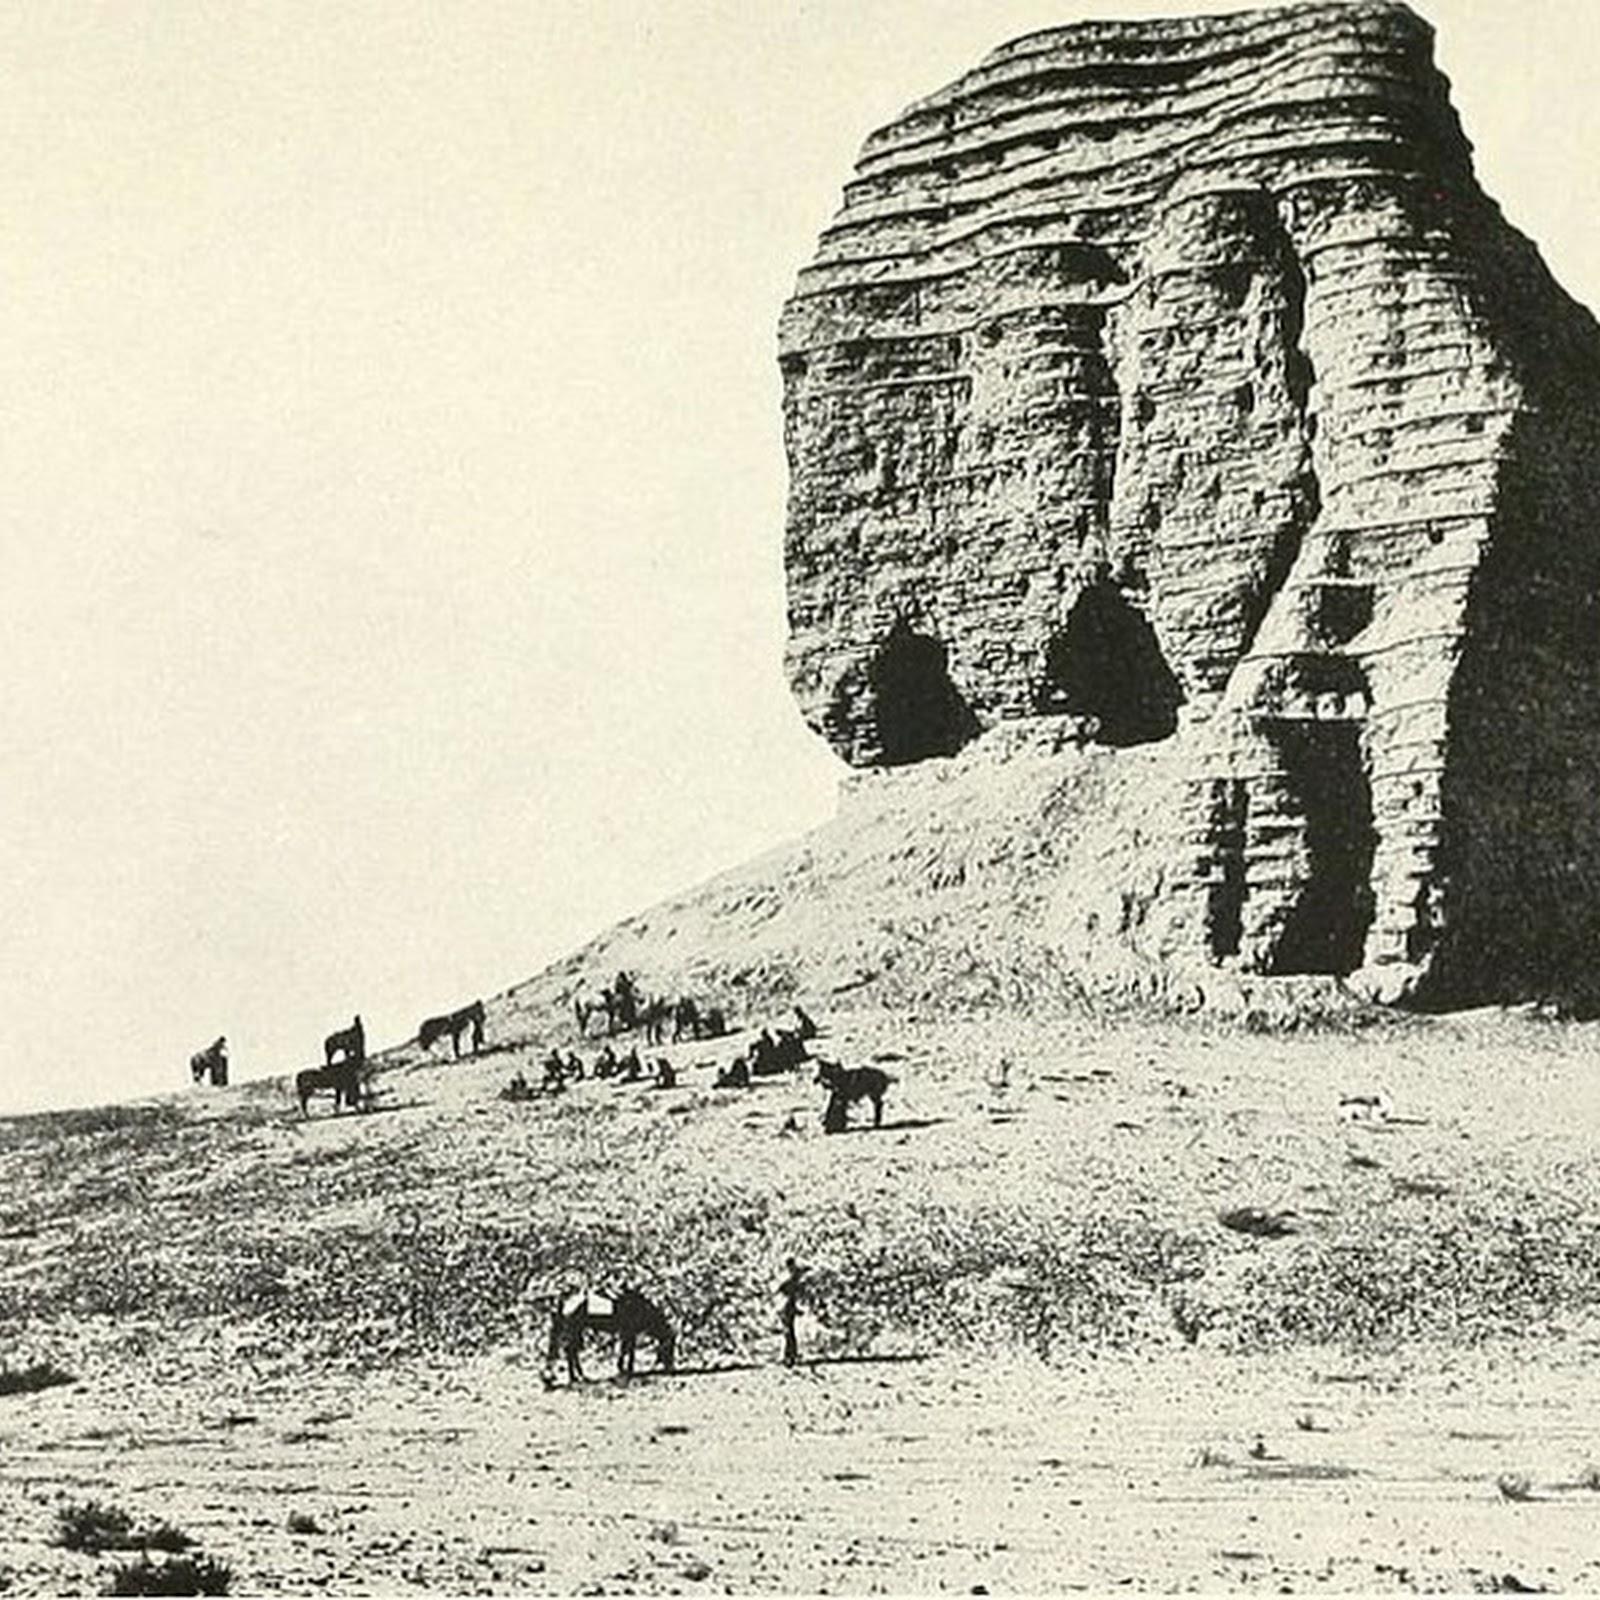 The Ziggurat of Dur-Kurigalzu